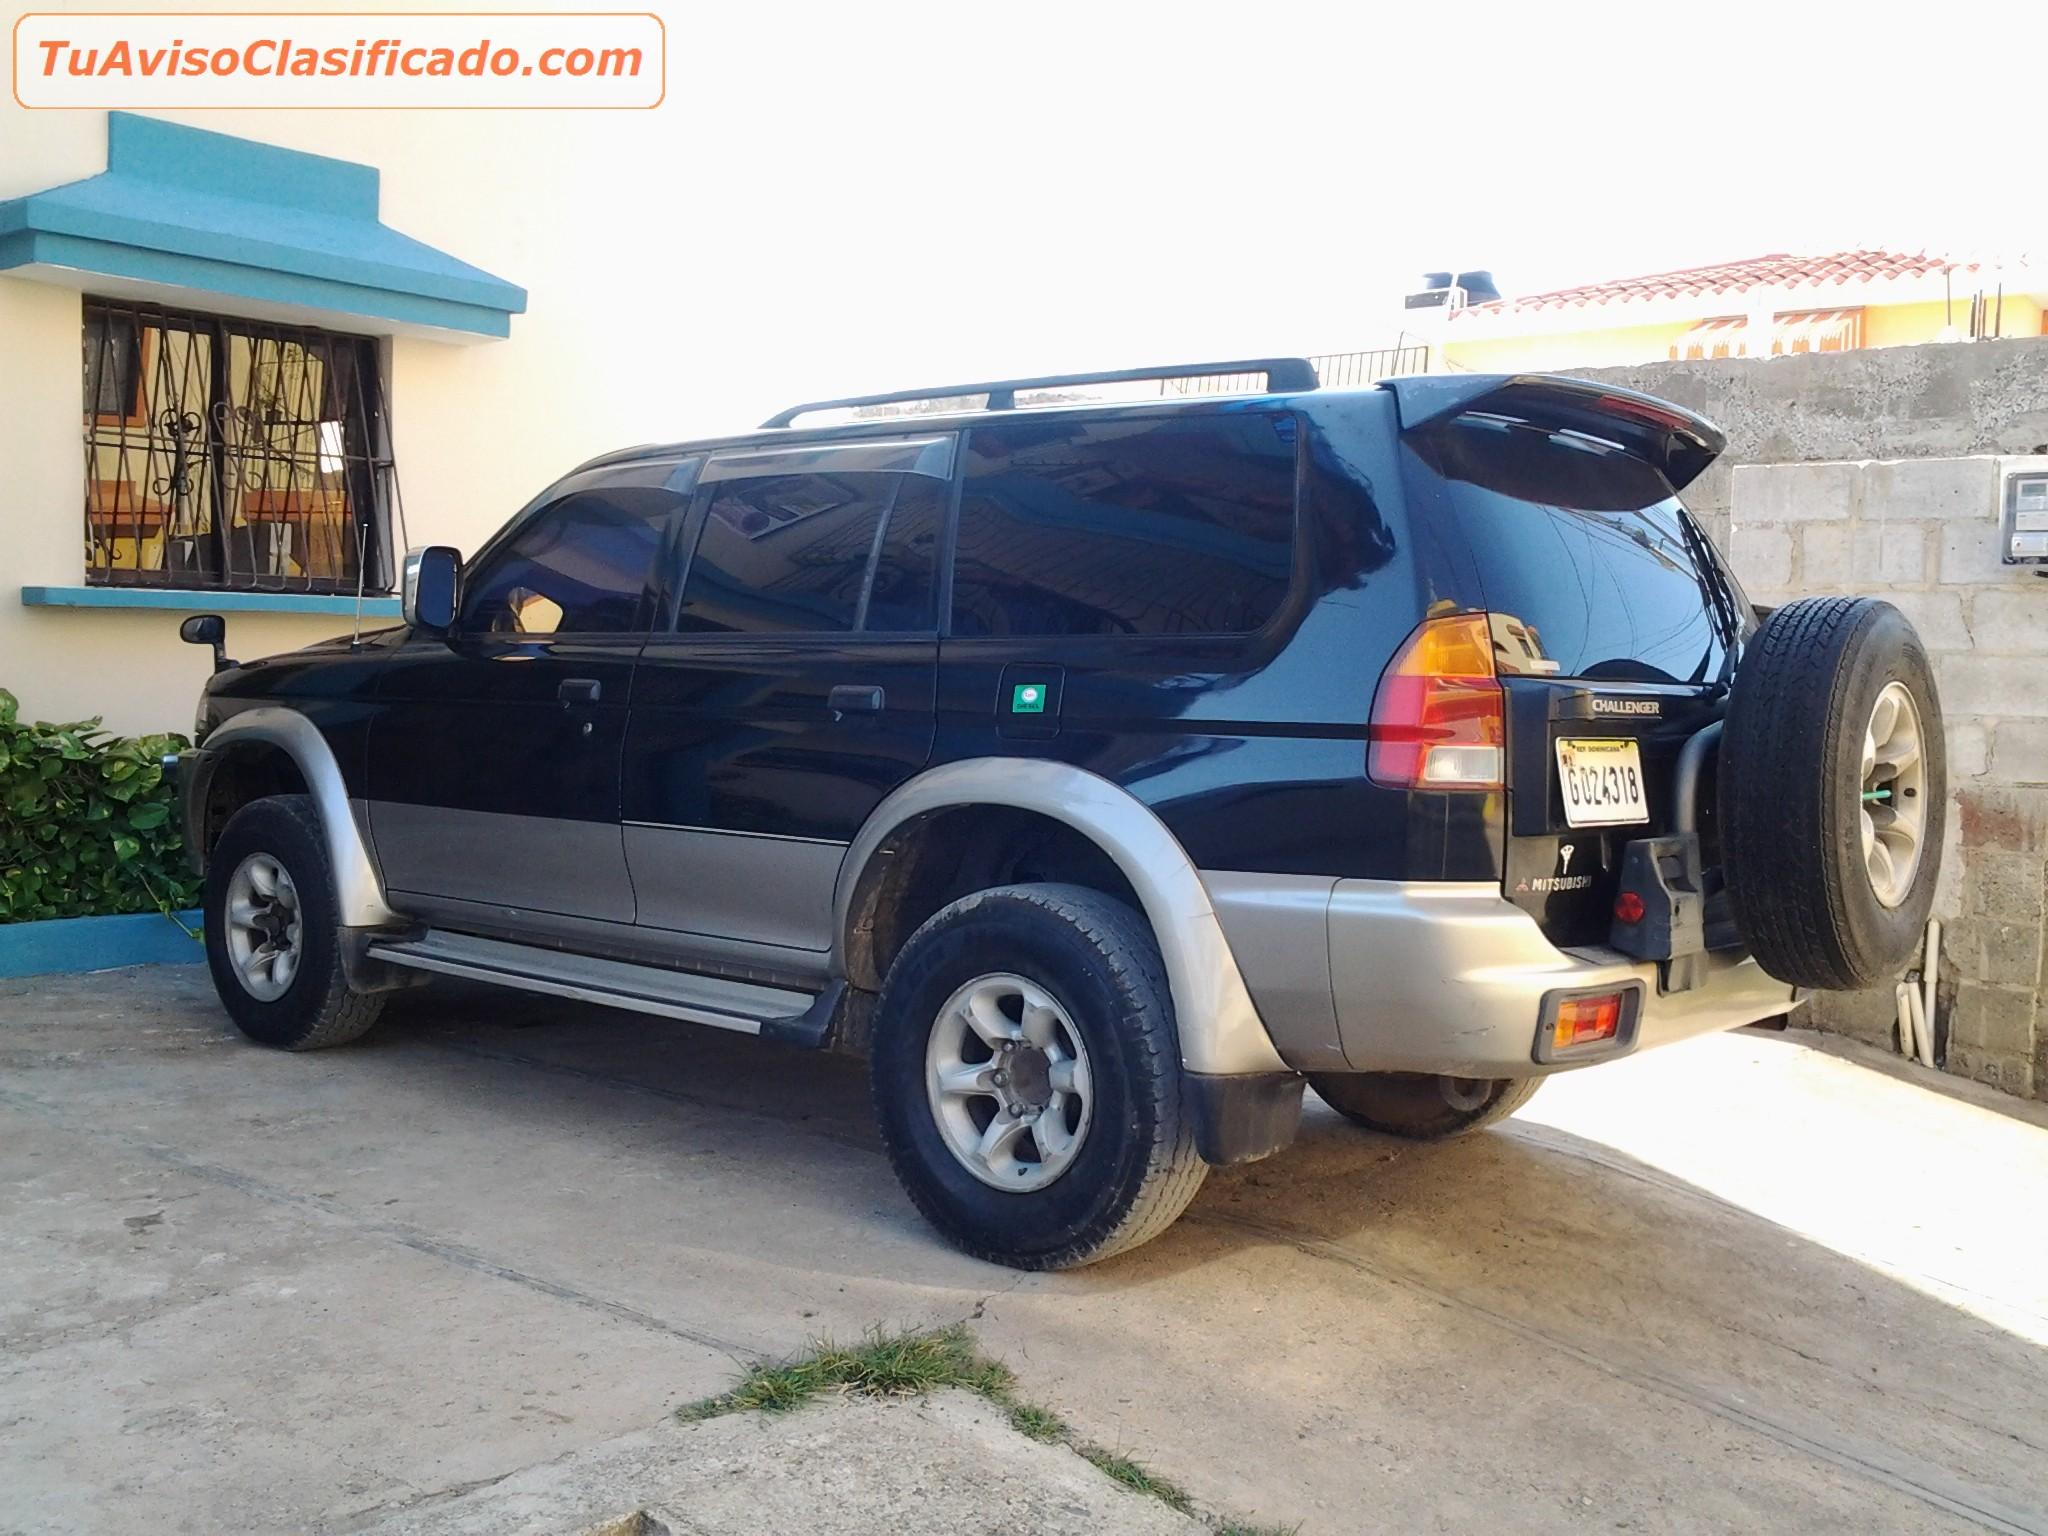 Toyota Camry 94 Station Especial Para Concho Publico o